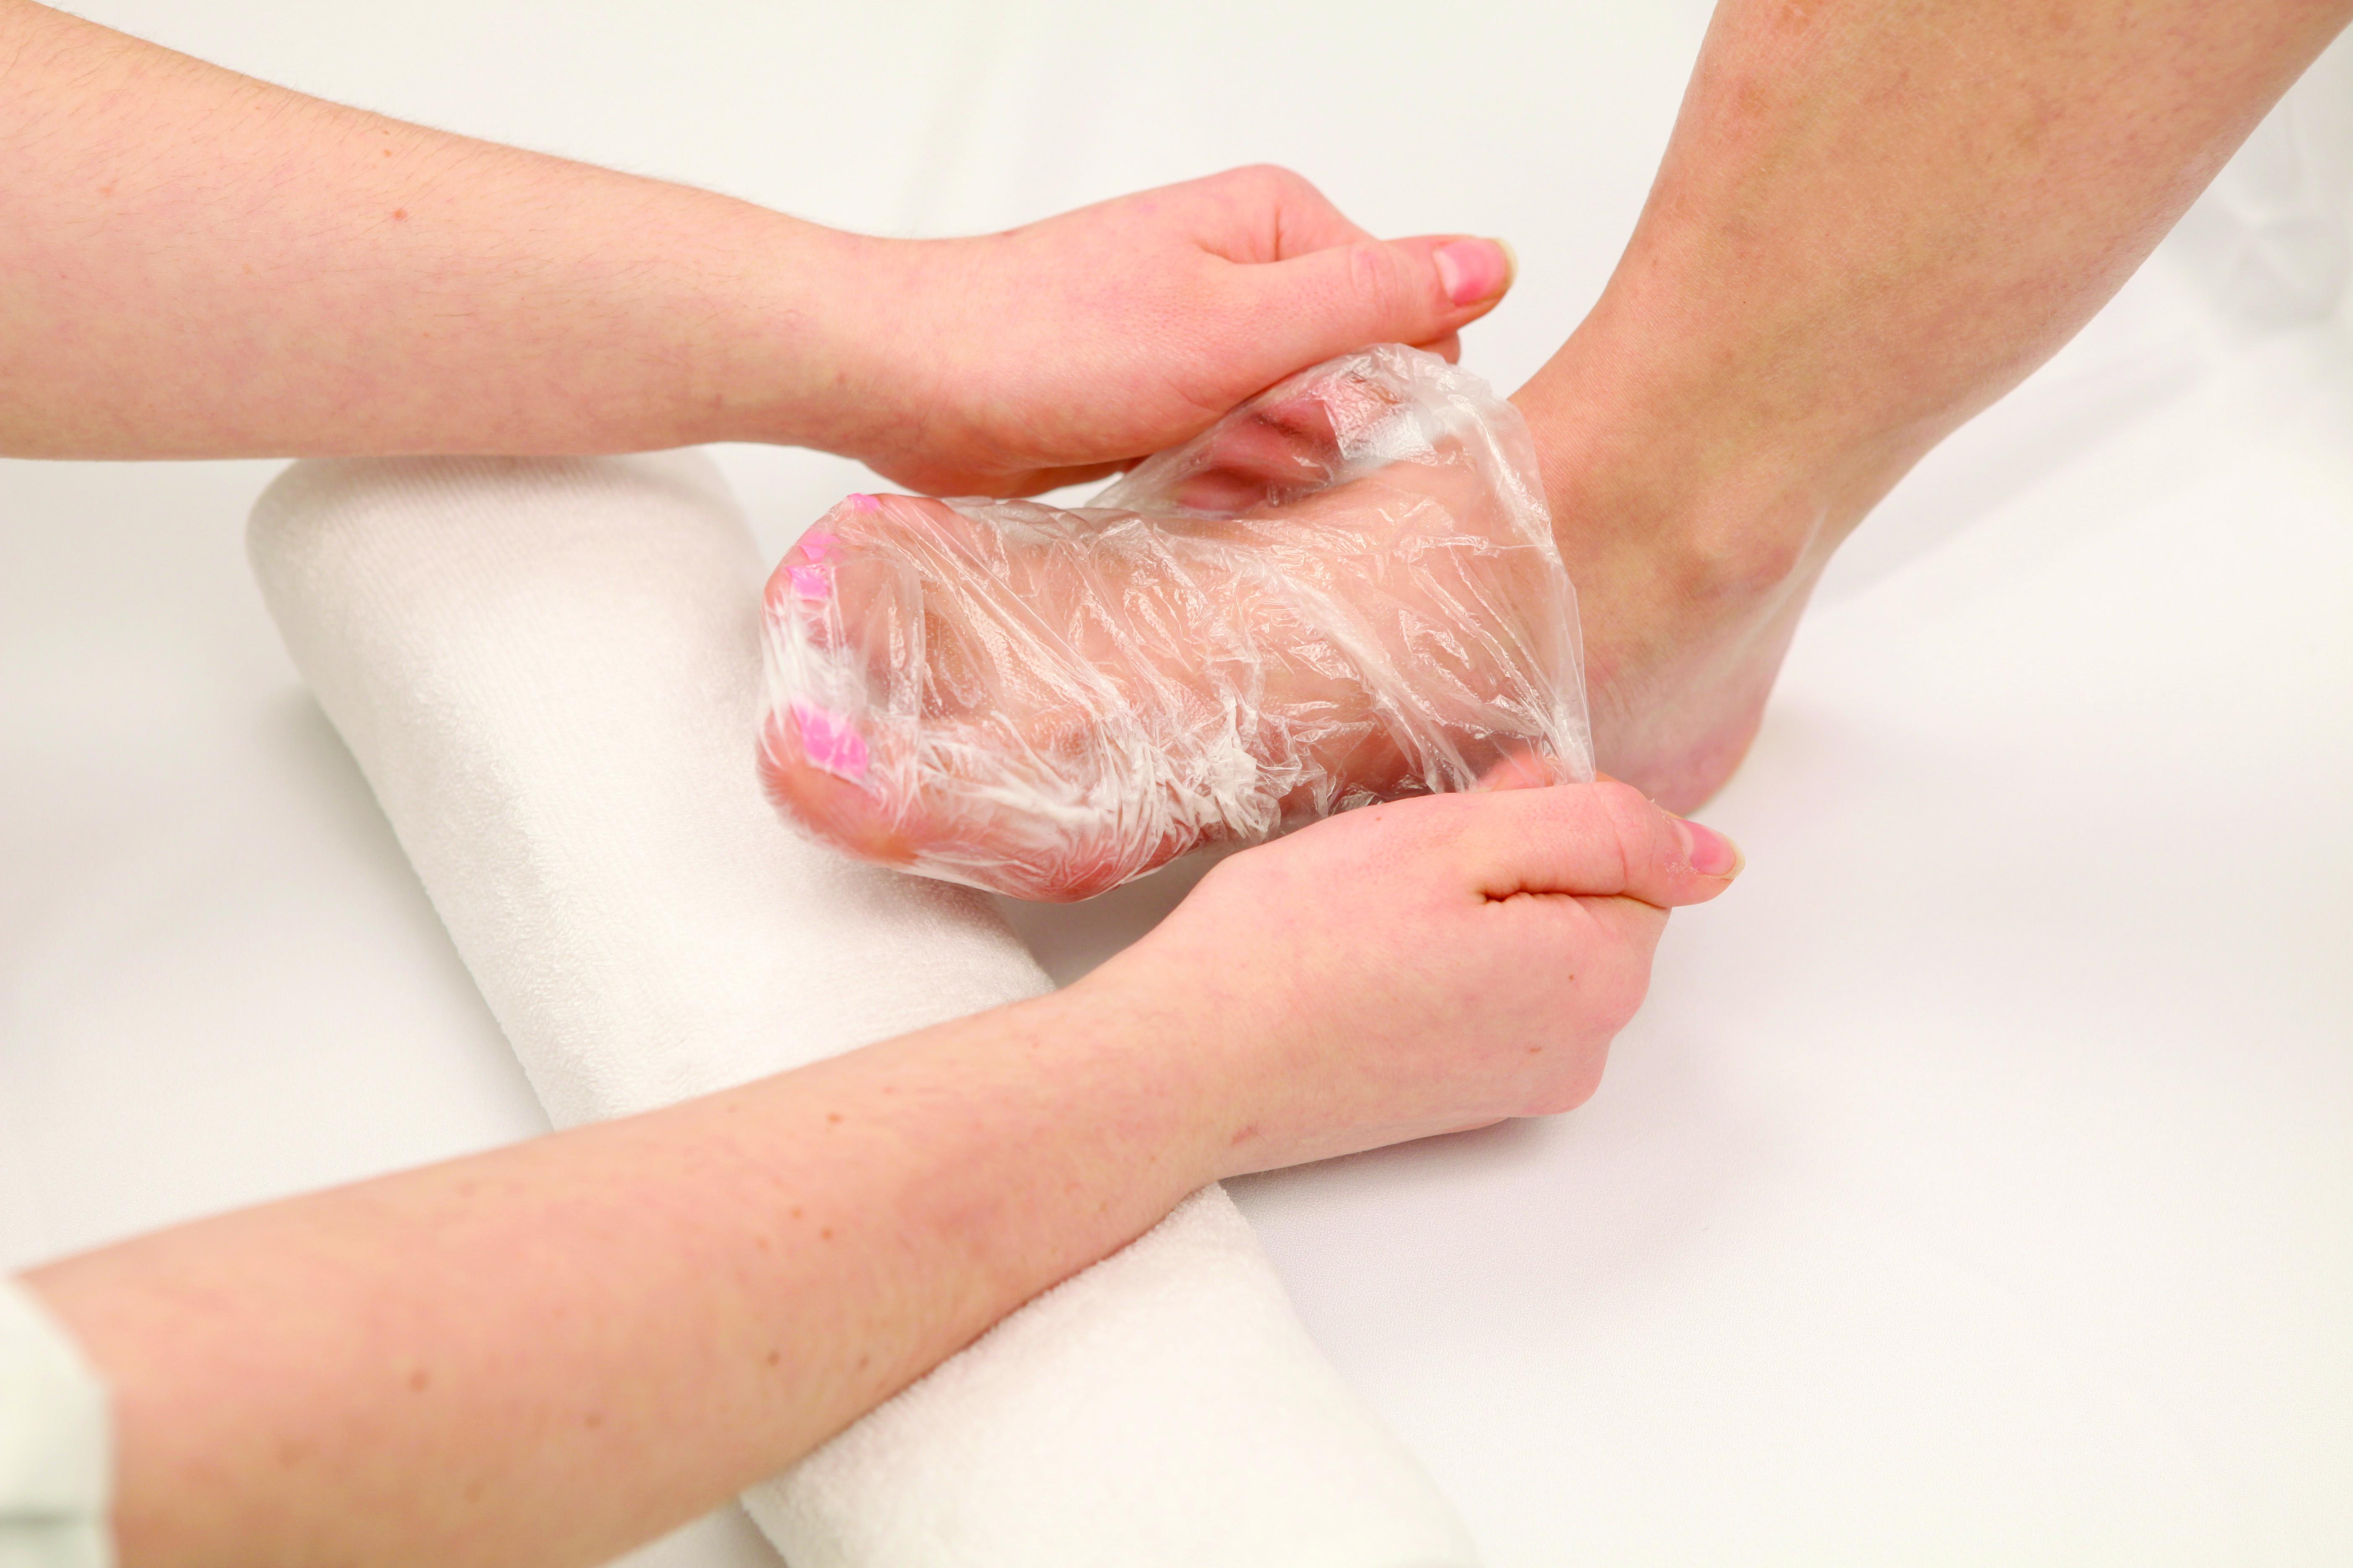 How to Use Bodipure Keratin Socks